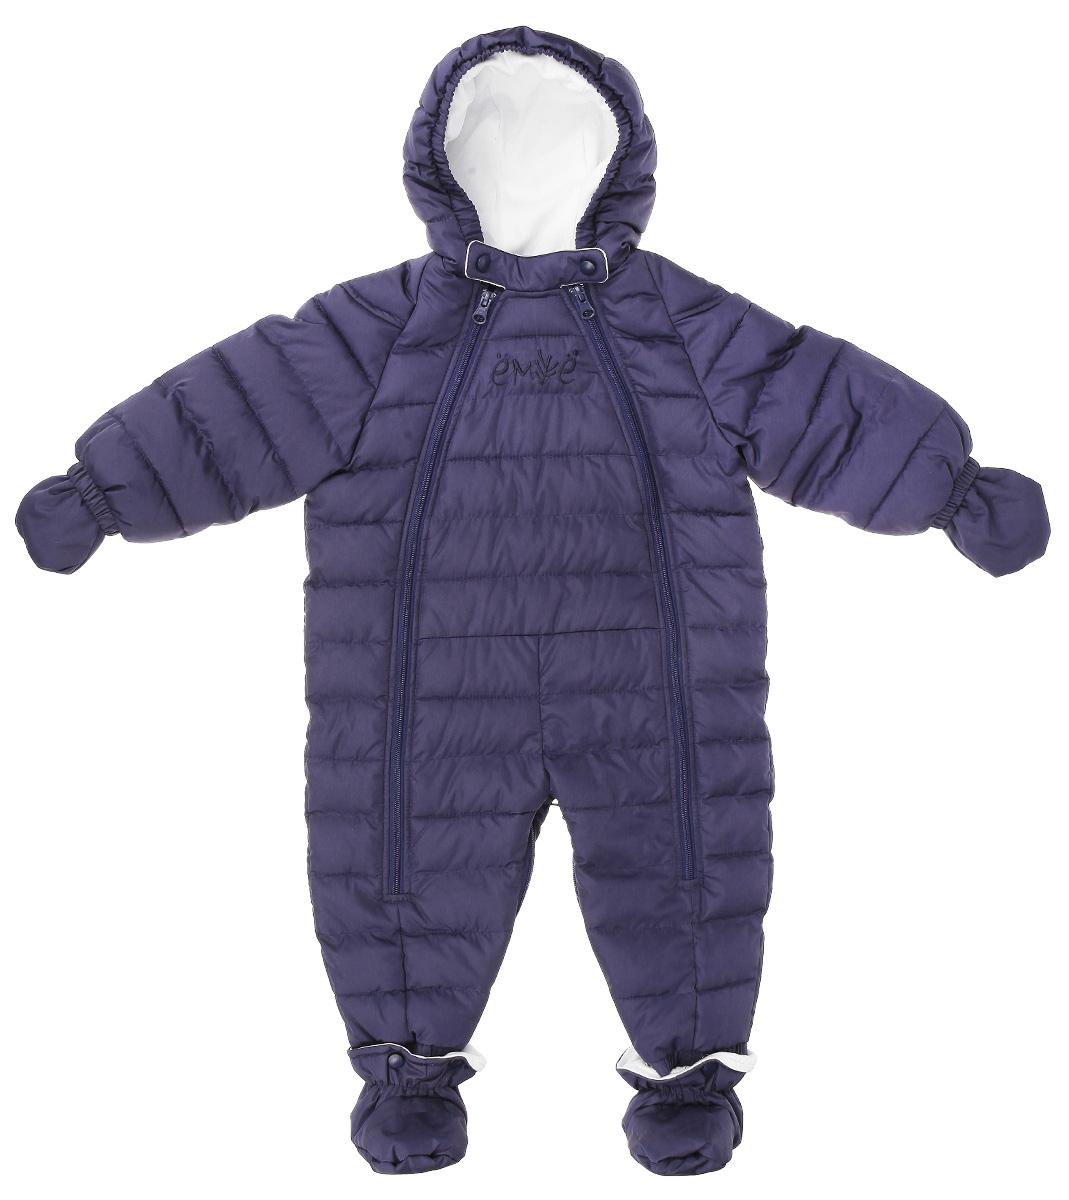 Комбинезон-трансформер детский Ёмаё, цвет: темно-синий. 22-102. Размер 22 (74)22-102Комбинезон-трансформер Ёмаё идеально подойдет для ребенка в холодное время года. Модель, изготовленная из водоотталкивающей ткани, утеплена синтепухом - 100% полиэстером, а для максимального комфорта на подкладке используется натуральный хлопок. Стеганый комбинезон с капюшоном и рукавами-реглан застегивается на две длинные пластиковые застежки-молнии, благодаря которым, его легко надевать и снимать. Планка в верхней части фиксируется на кнопки. Низ рукавов дополнен теплыми рукавичками на текстильной веревочке, которые можно при желании снять. К низу штанин с помощью металлических кнопок крепятся утепленные пинетки. Благодаря удобной системе молний на брючинах комбинезон можно трансформировать в конверт с рукавами. На груди модель оформлена вышивкой в виде названия бренда. В таком комбинезоне вашему ребенку всегда будет тепло и уютно.